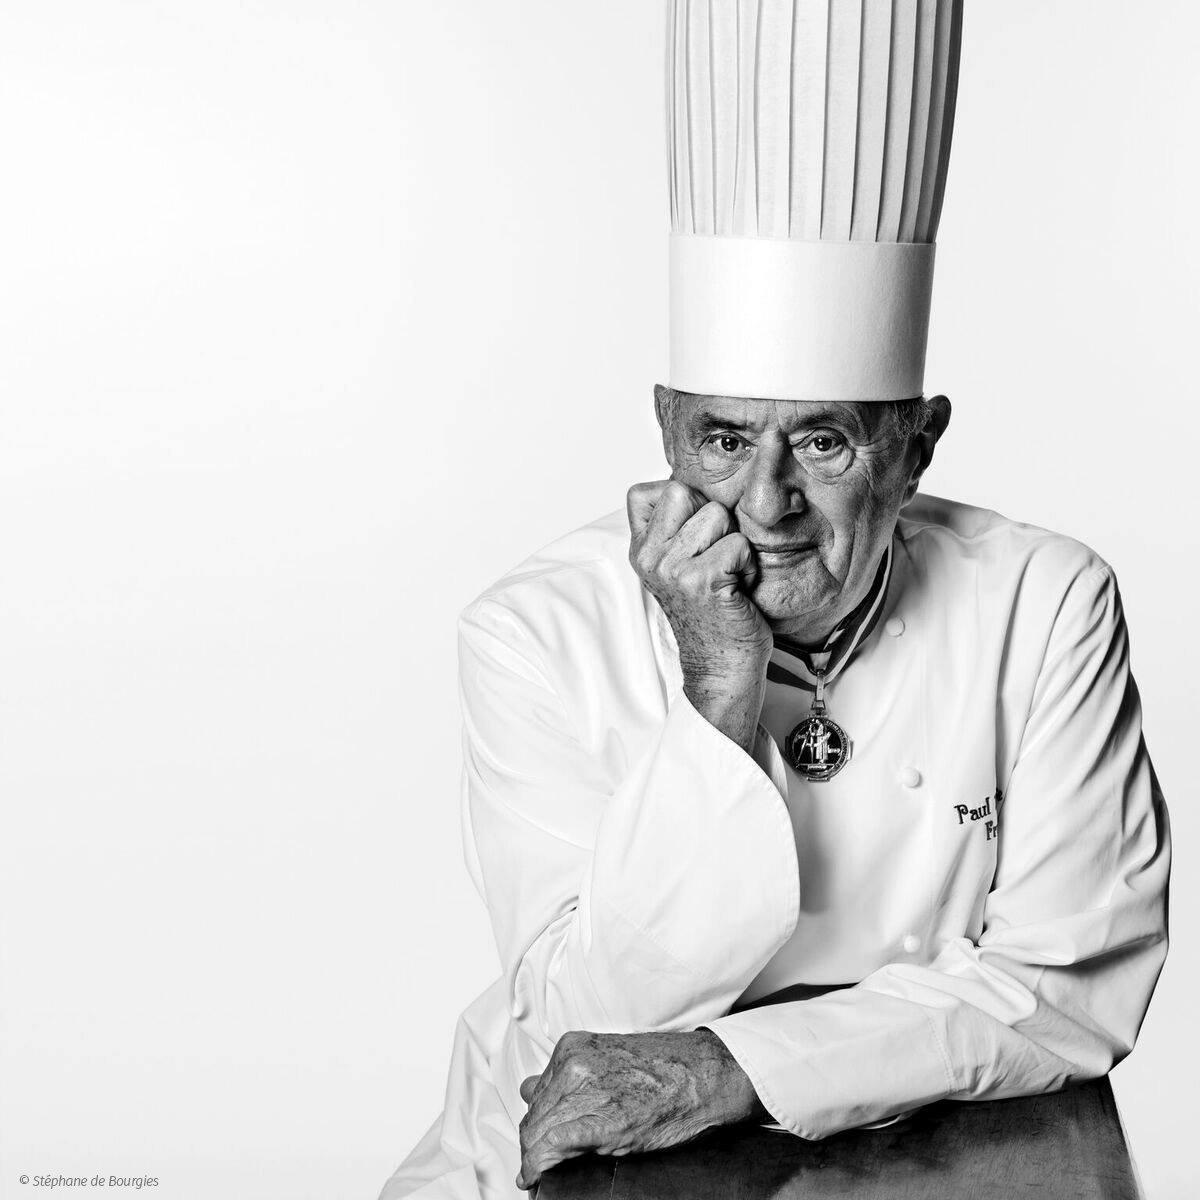 ВоФранции скончался «шеф-повар века» Поль Бокюз